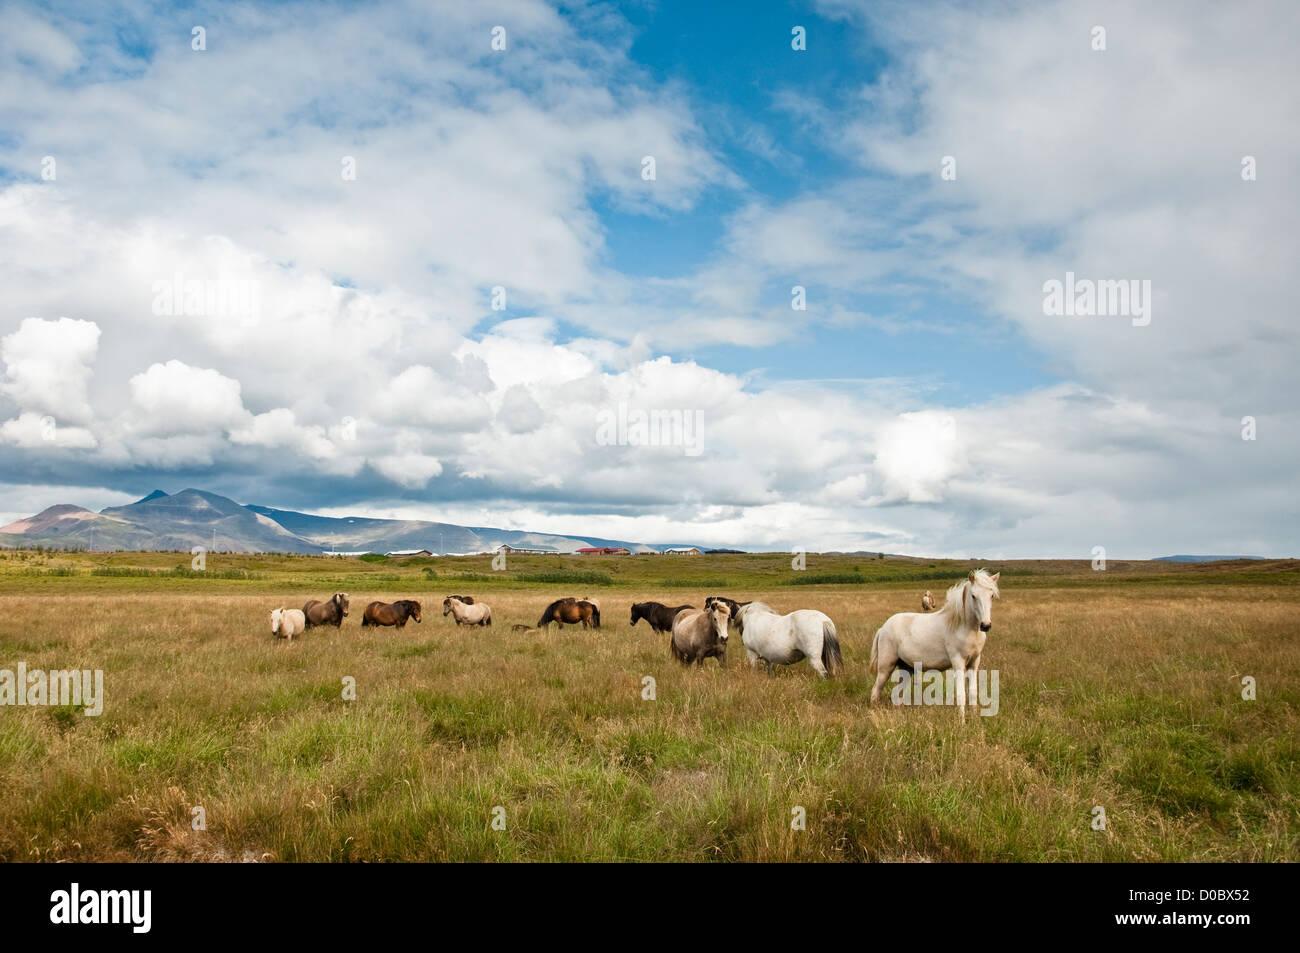 Les chevaux se détendre dans l'herbe d'une ferme au pied des montagnes Photo Stock